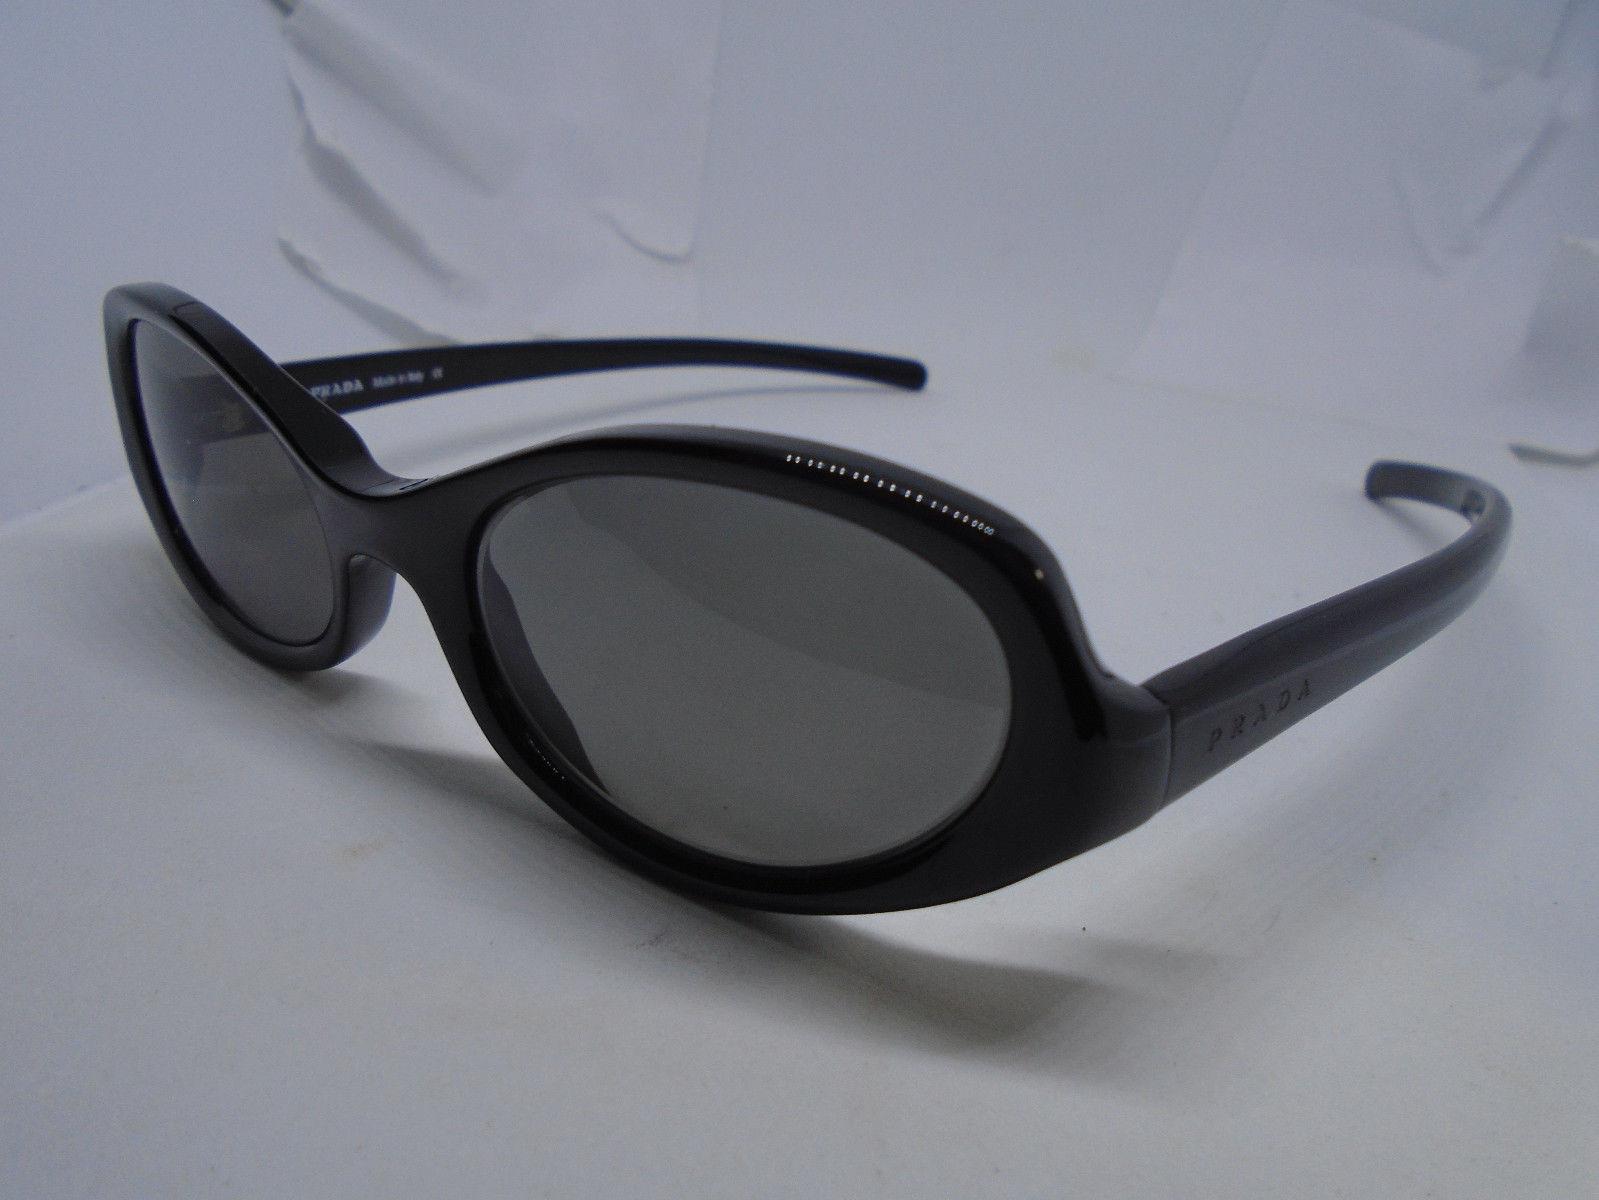 e3c3beb9a19 Prada Rx Sunglasses Frames or Eyeglasses SPR and 50 similar items. 57